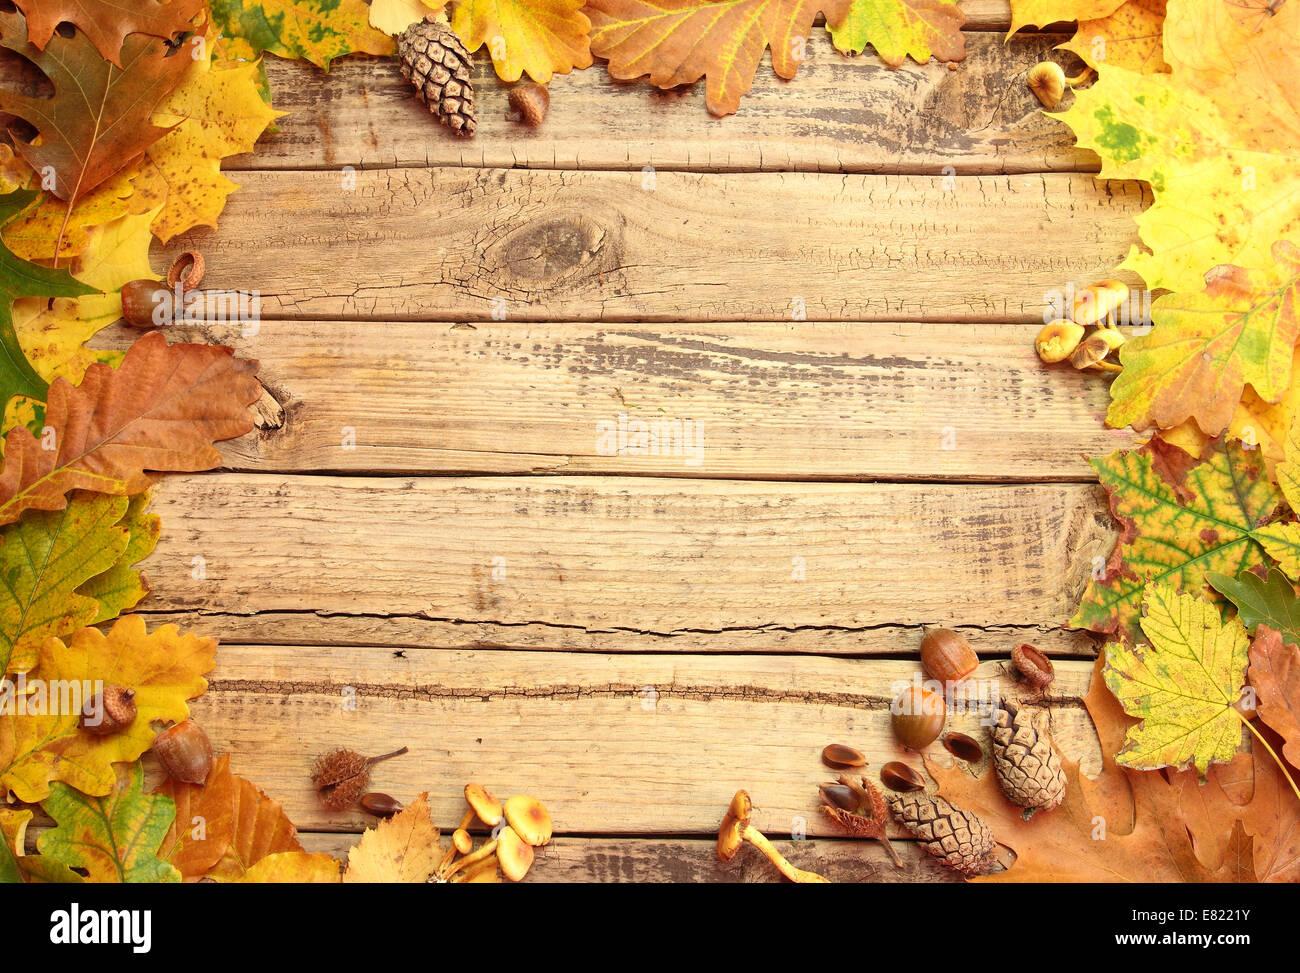 Herbst Hintergrund Mit Blatter Pilze Und Eicheln Auf Holzbrett